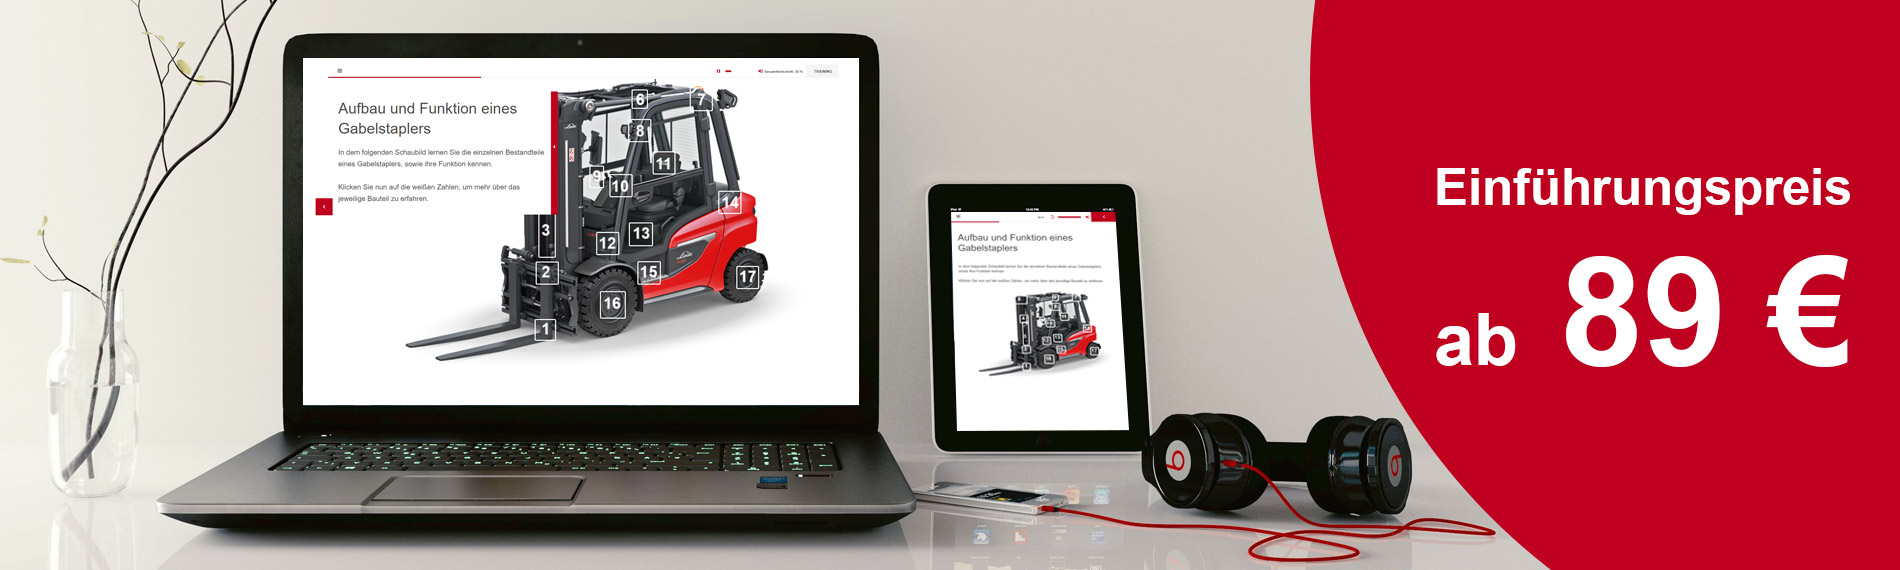 header desktop staplerschein online einfuehrungspreis ab 89 euro